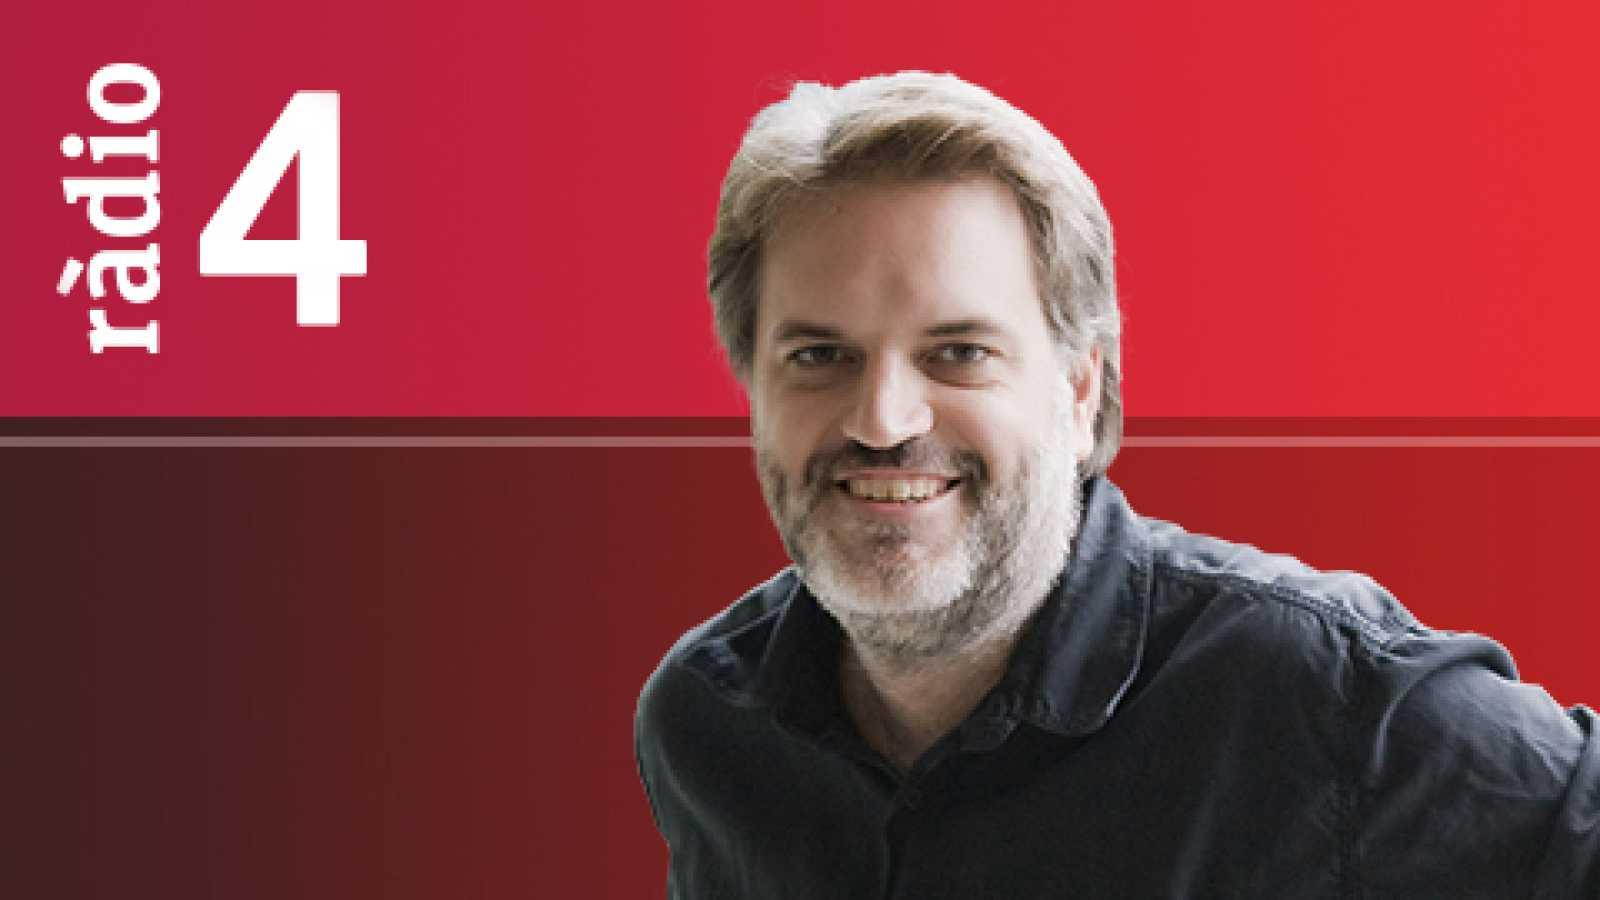 El matí a Ràdio 4 - L'univers negre, amb Andreu Martín. Tertúlia educació